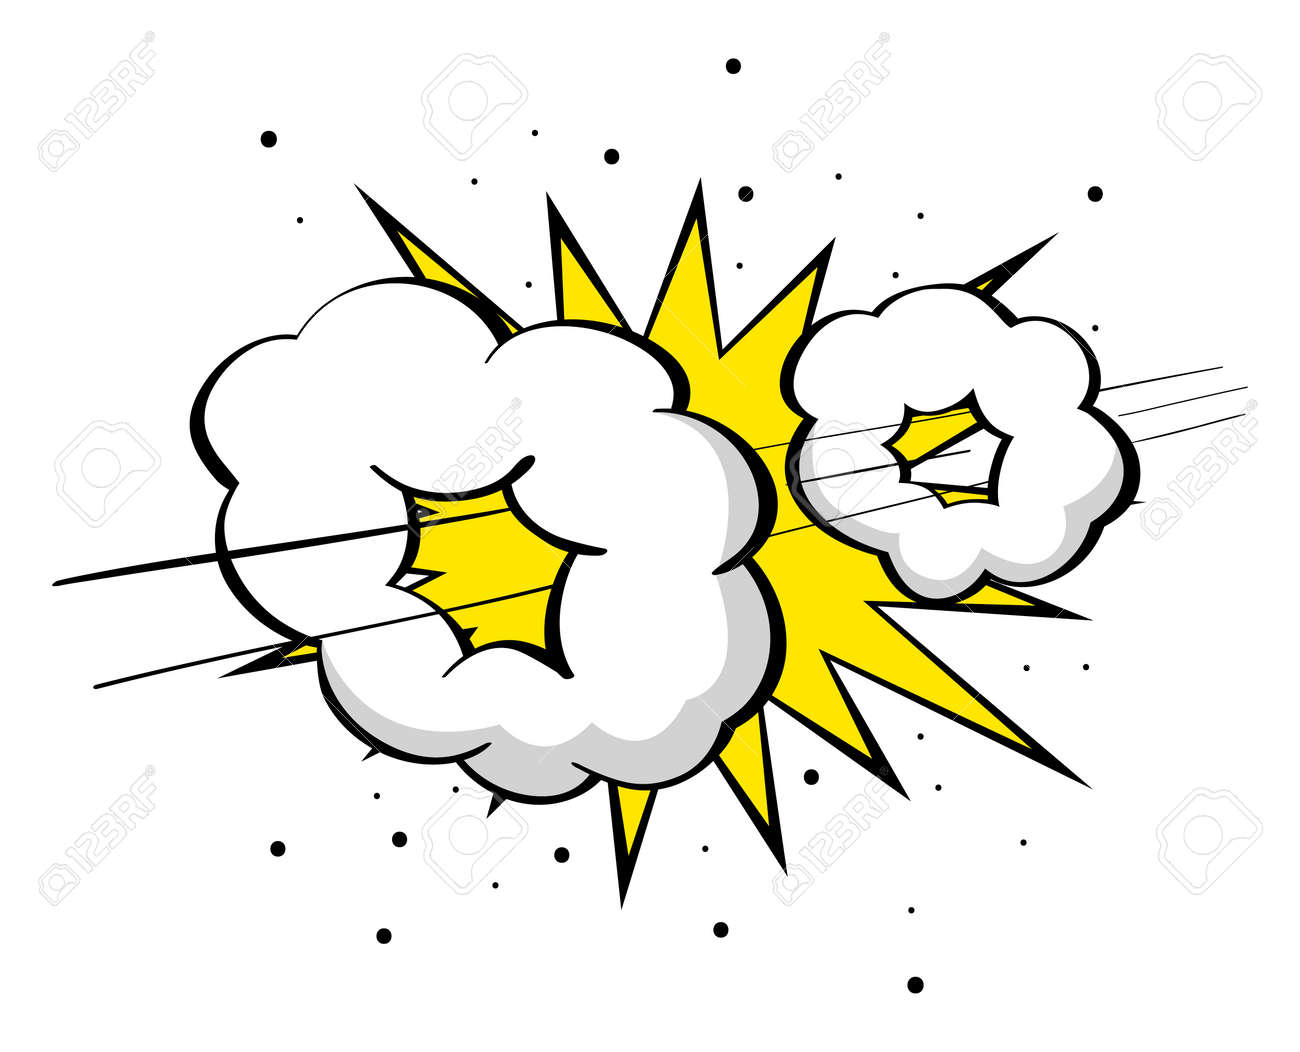 超音速ブーム高速のイラストを漫画喜劇的な効果を高速化のイラスト